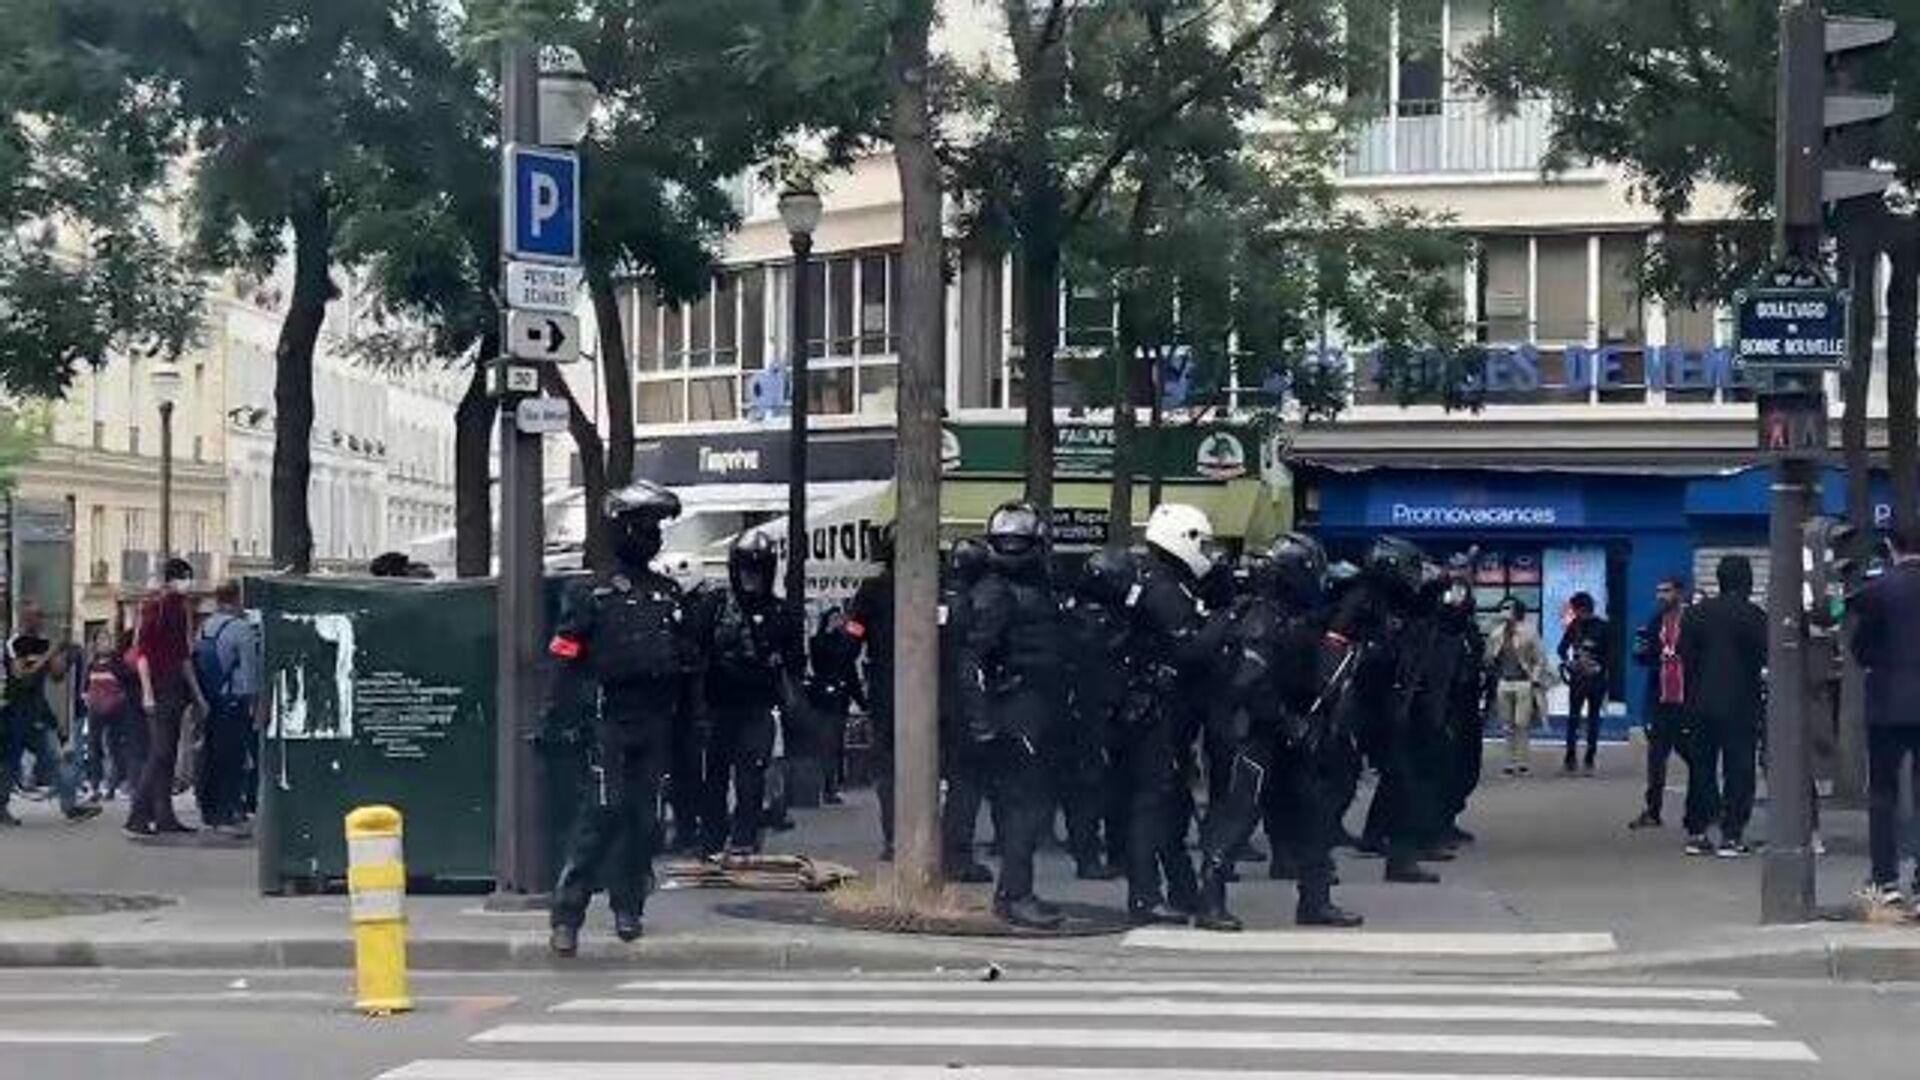 Полиция в Париже применила слезоточивый газ для разгона несогласованной акции - РИА Новости, 1920, 14.07.2021